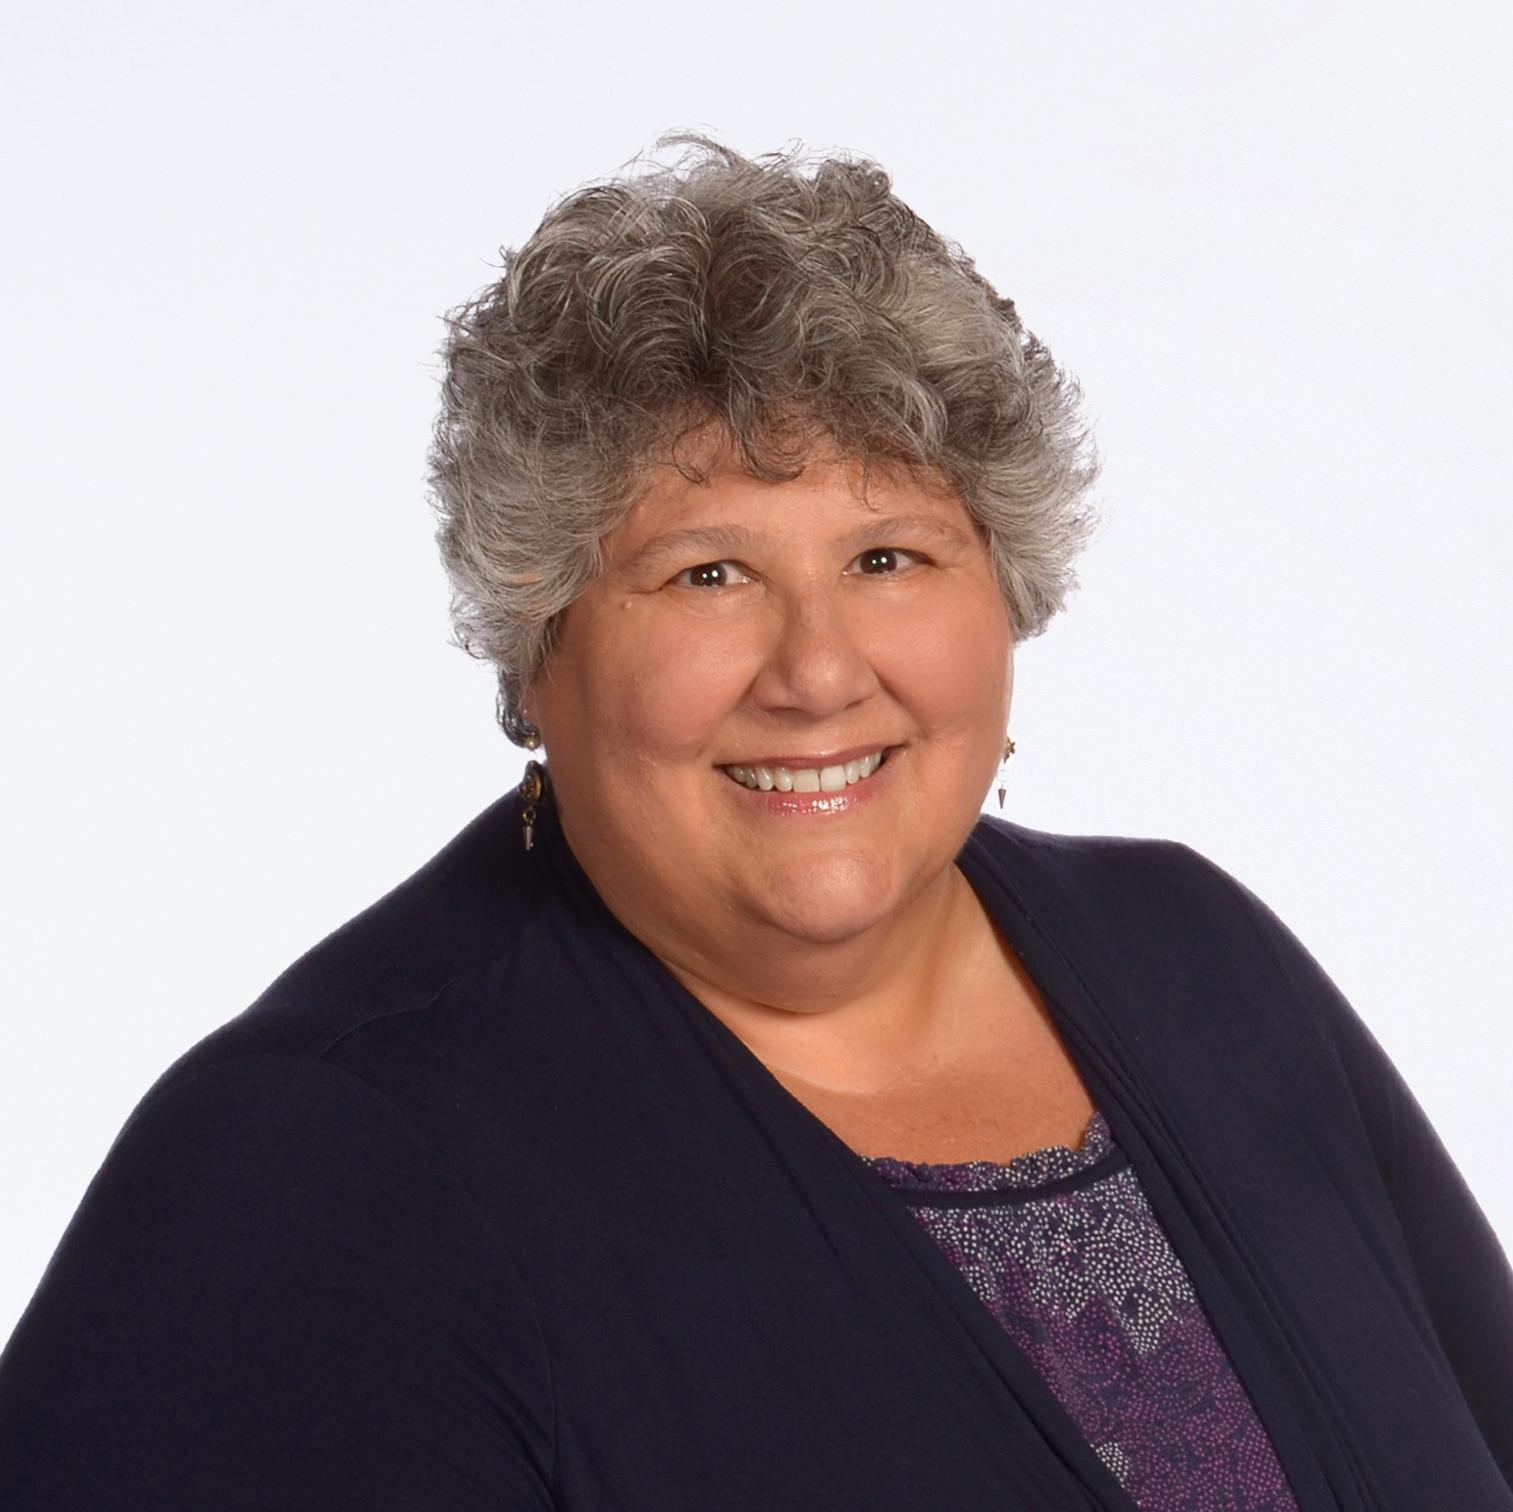 Catherine Ferentini, OD Optician